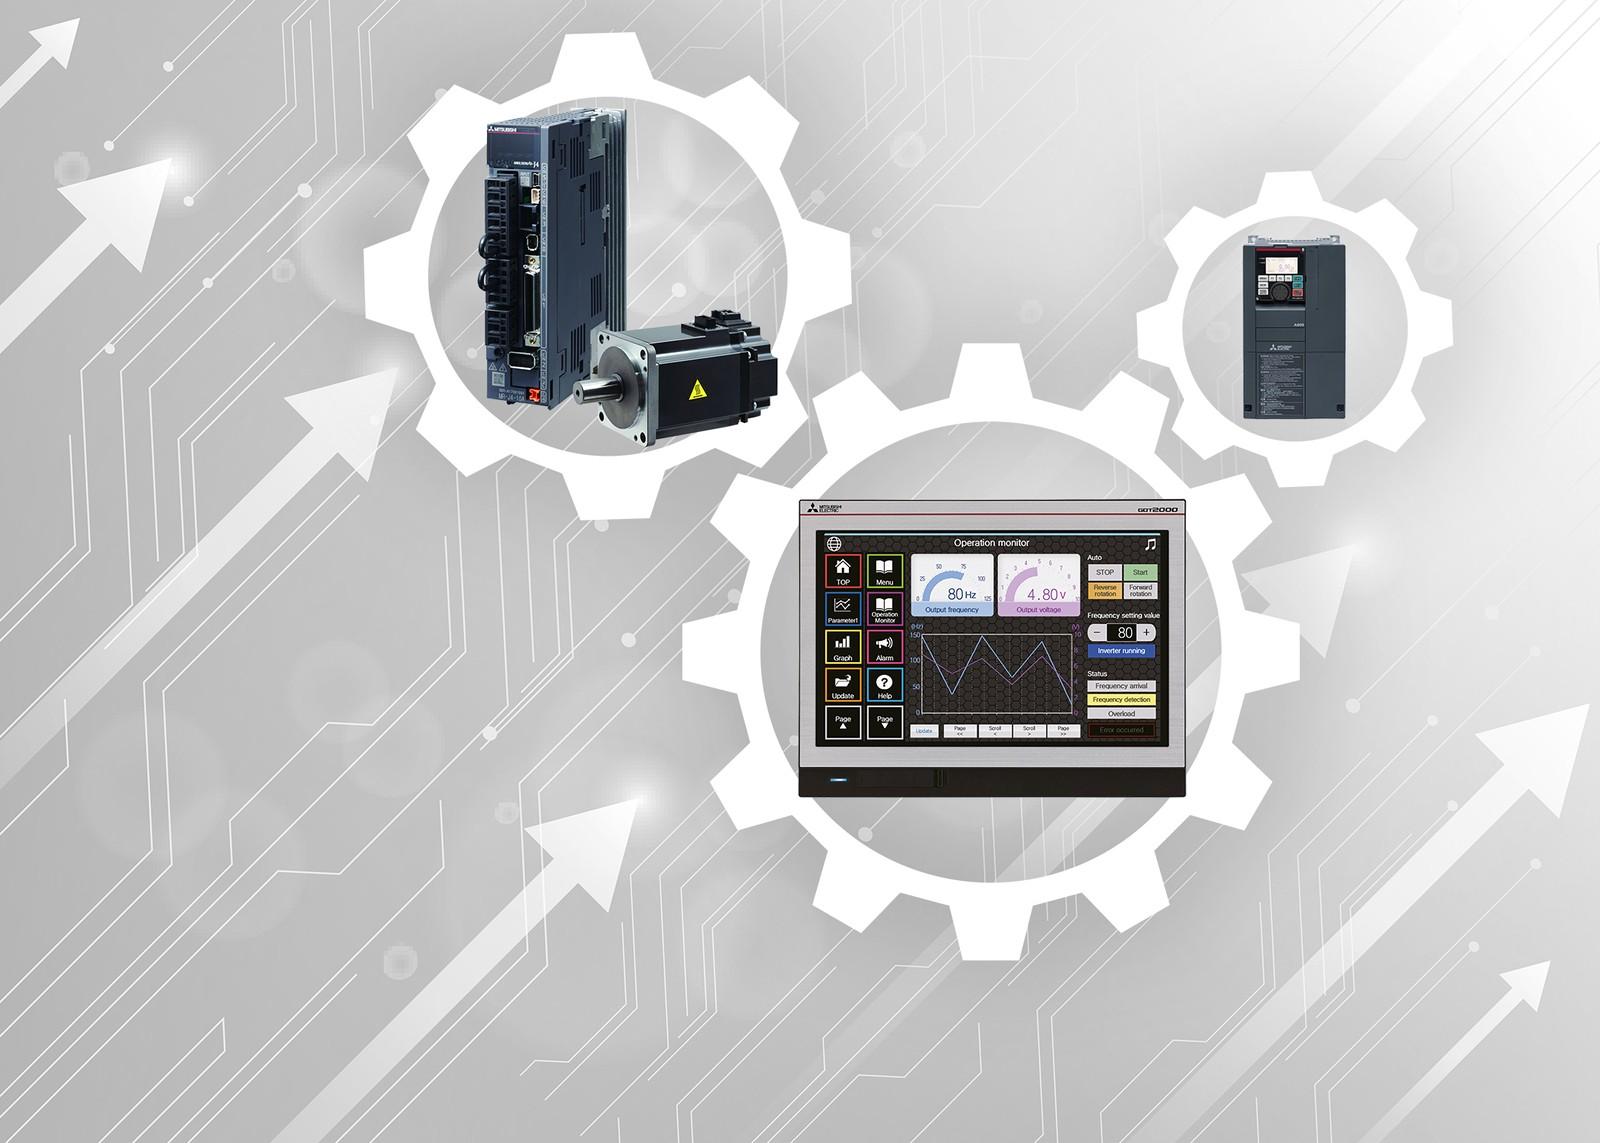 Für Werterhalt und Kostenersparnis durch vorausschauende Wartung hat Mitsubishi Electric die GOT Drive Funktion für Maschinendiagnostik entwickelt.